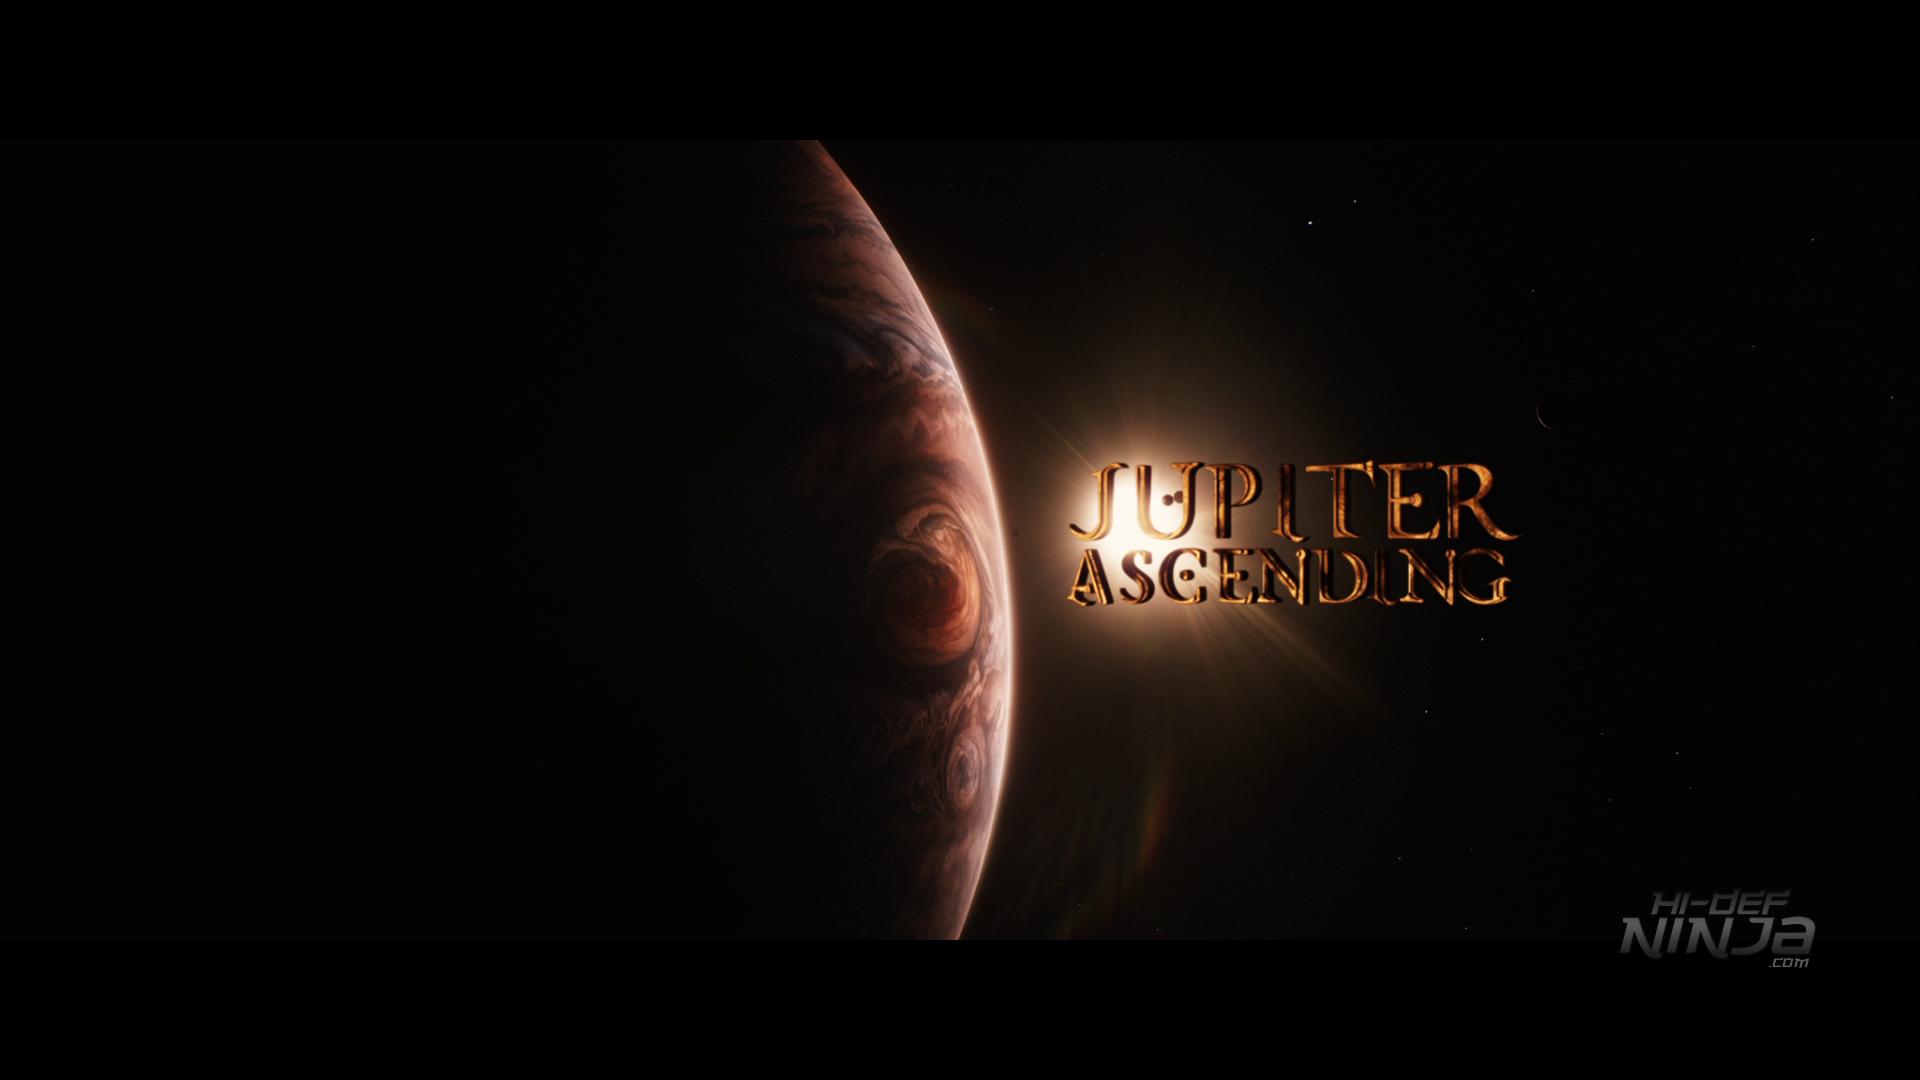 Jupiter-Ascending-HiDefNinja (16)